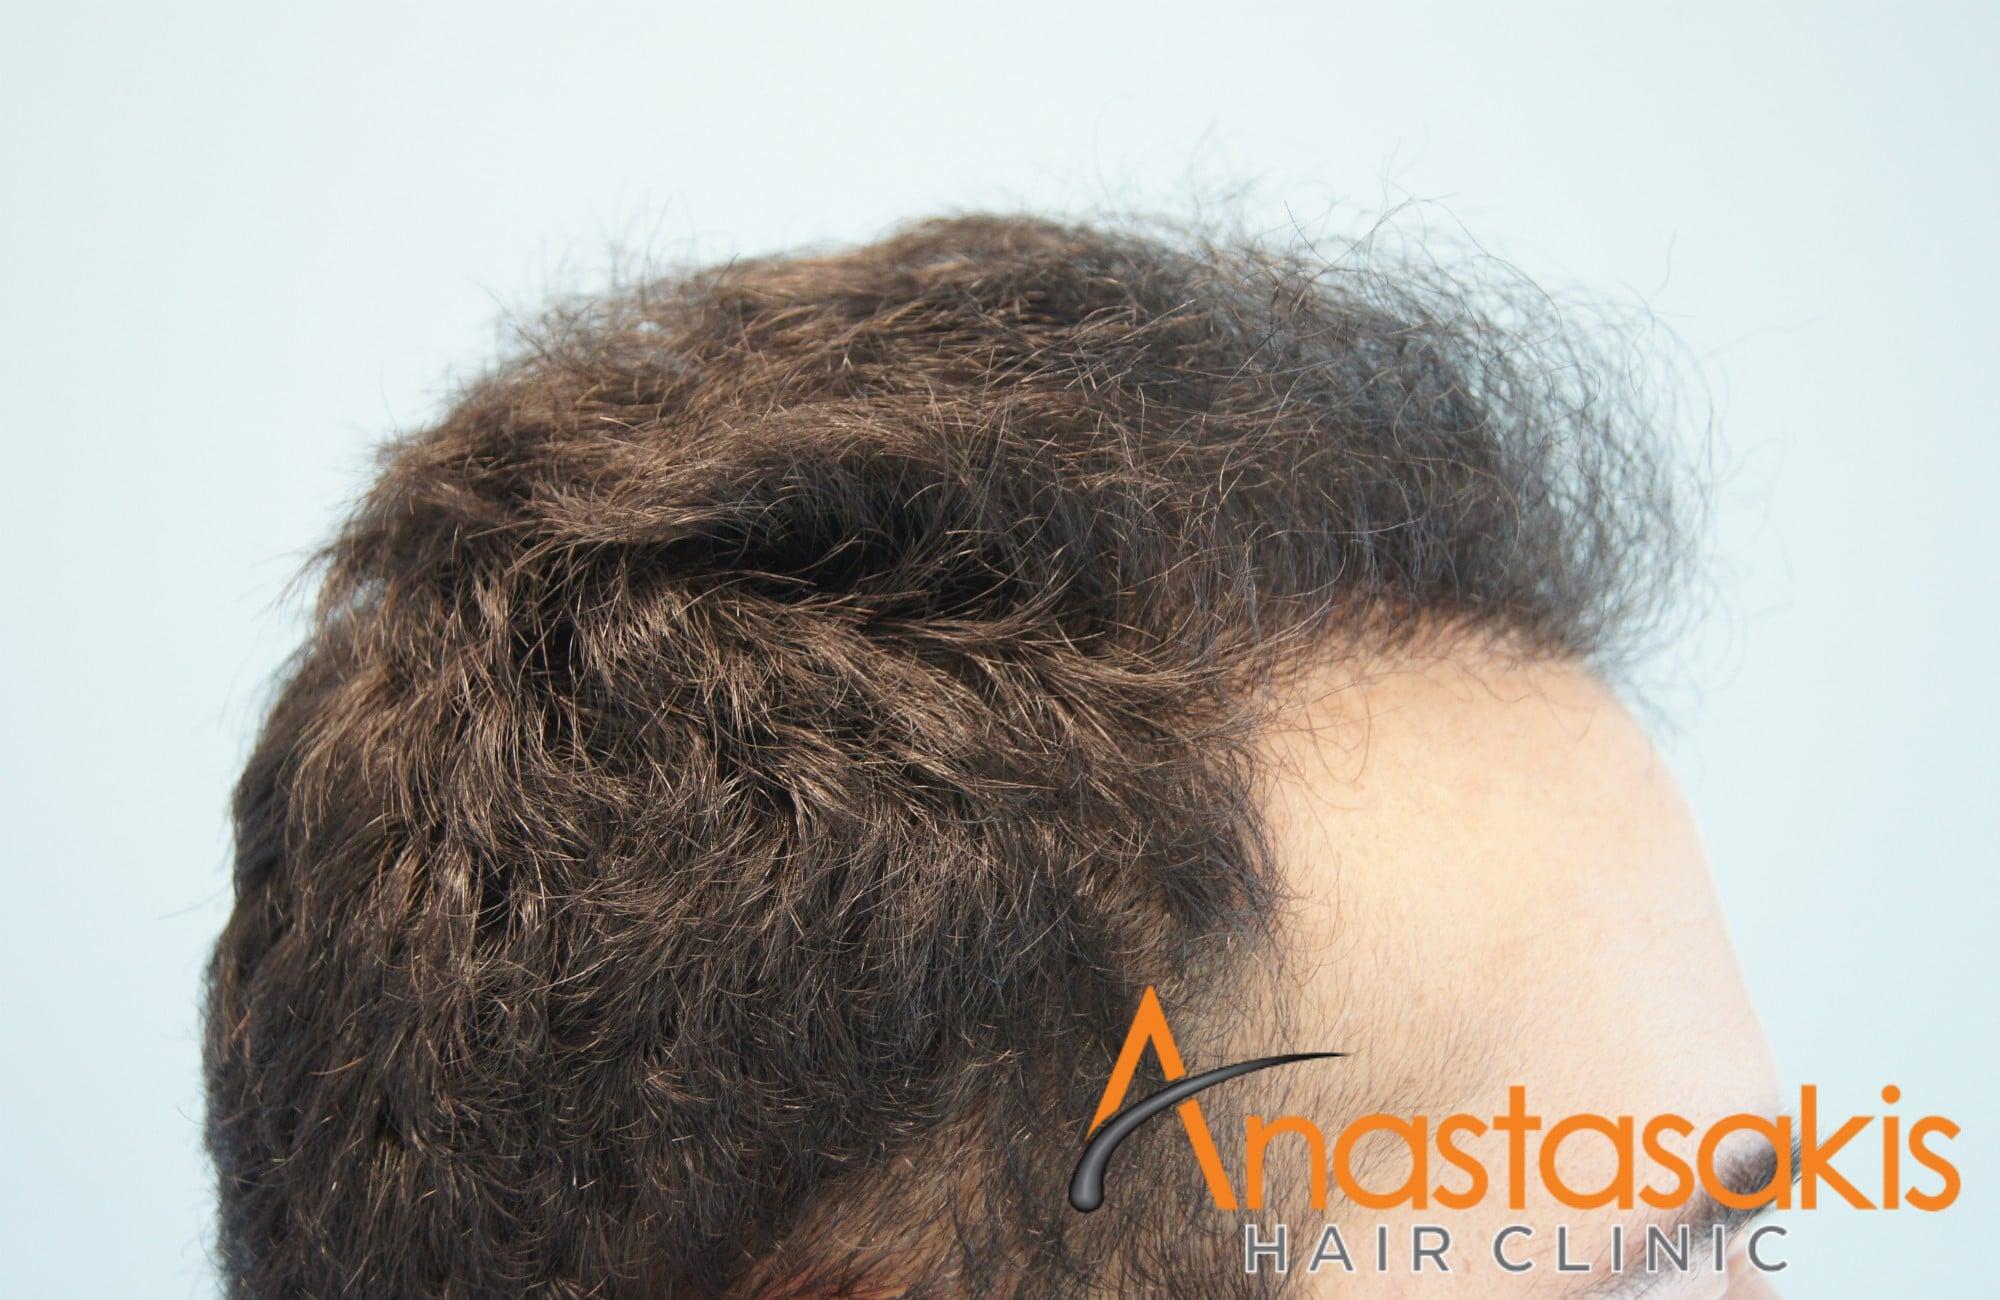 αριστερο προφιλ ασθενους μετα τη μεταμοσχευση μαλλιων με 1623 fus